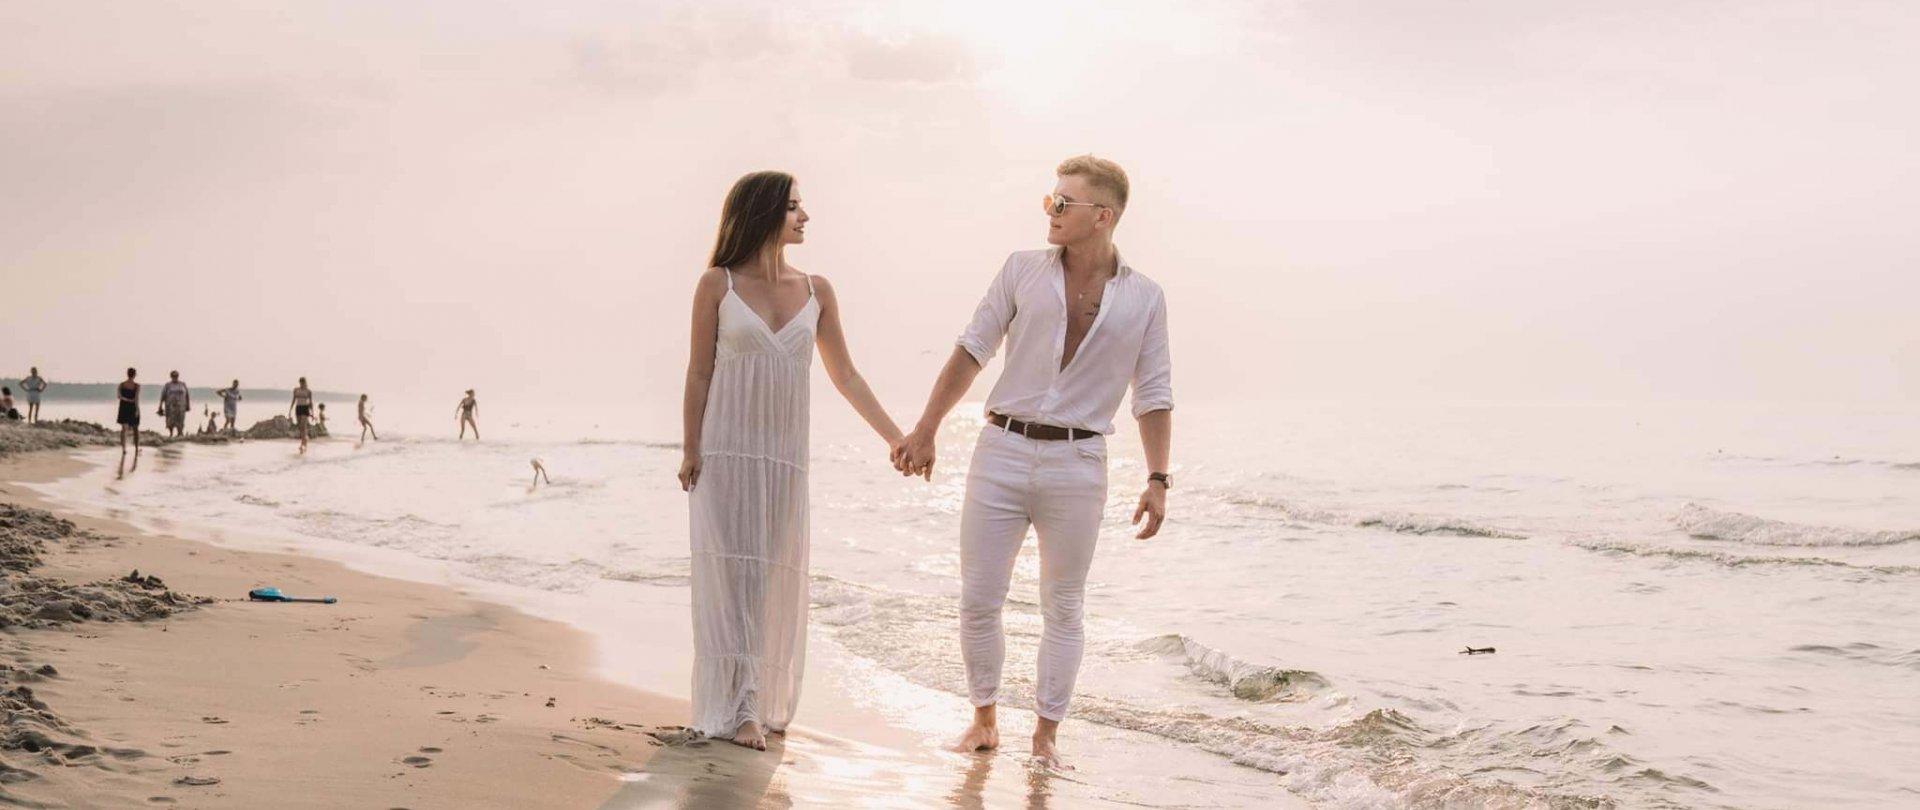 Romantycznie nad morzem. Pomysły na spędzenie weekendu we dwoje